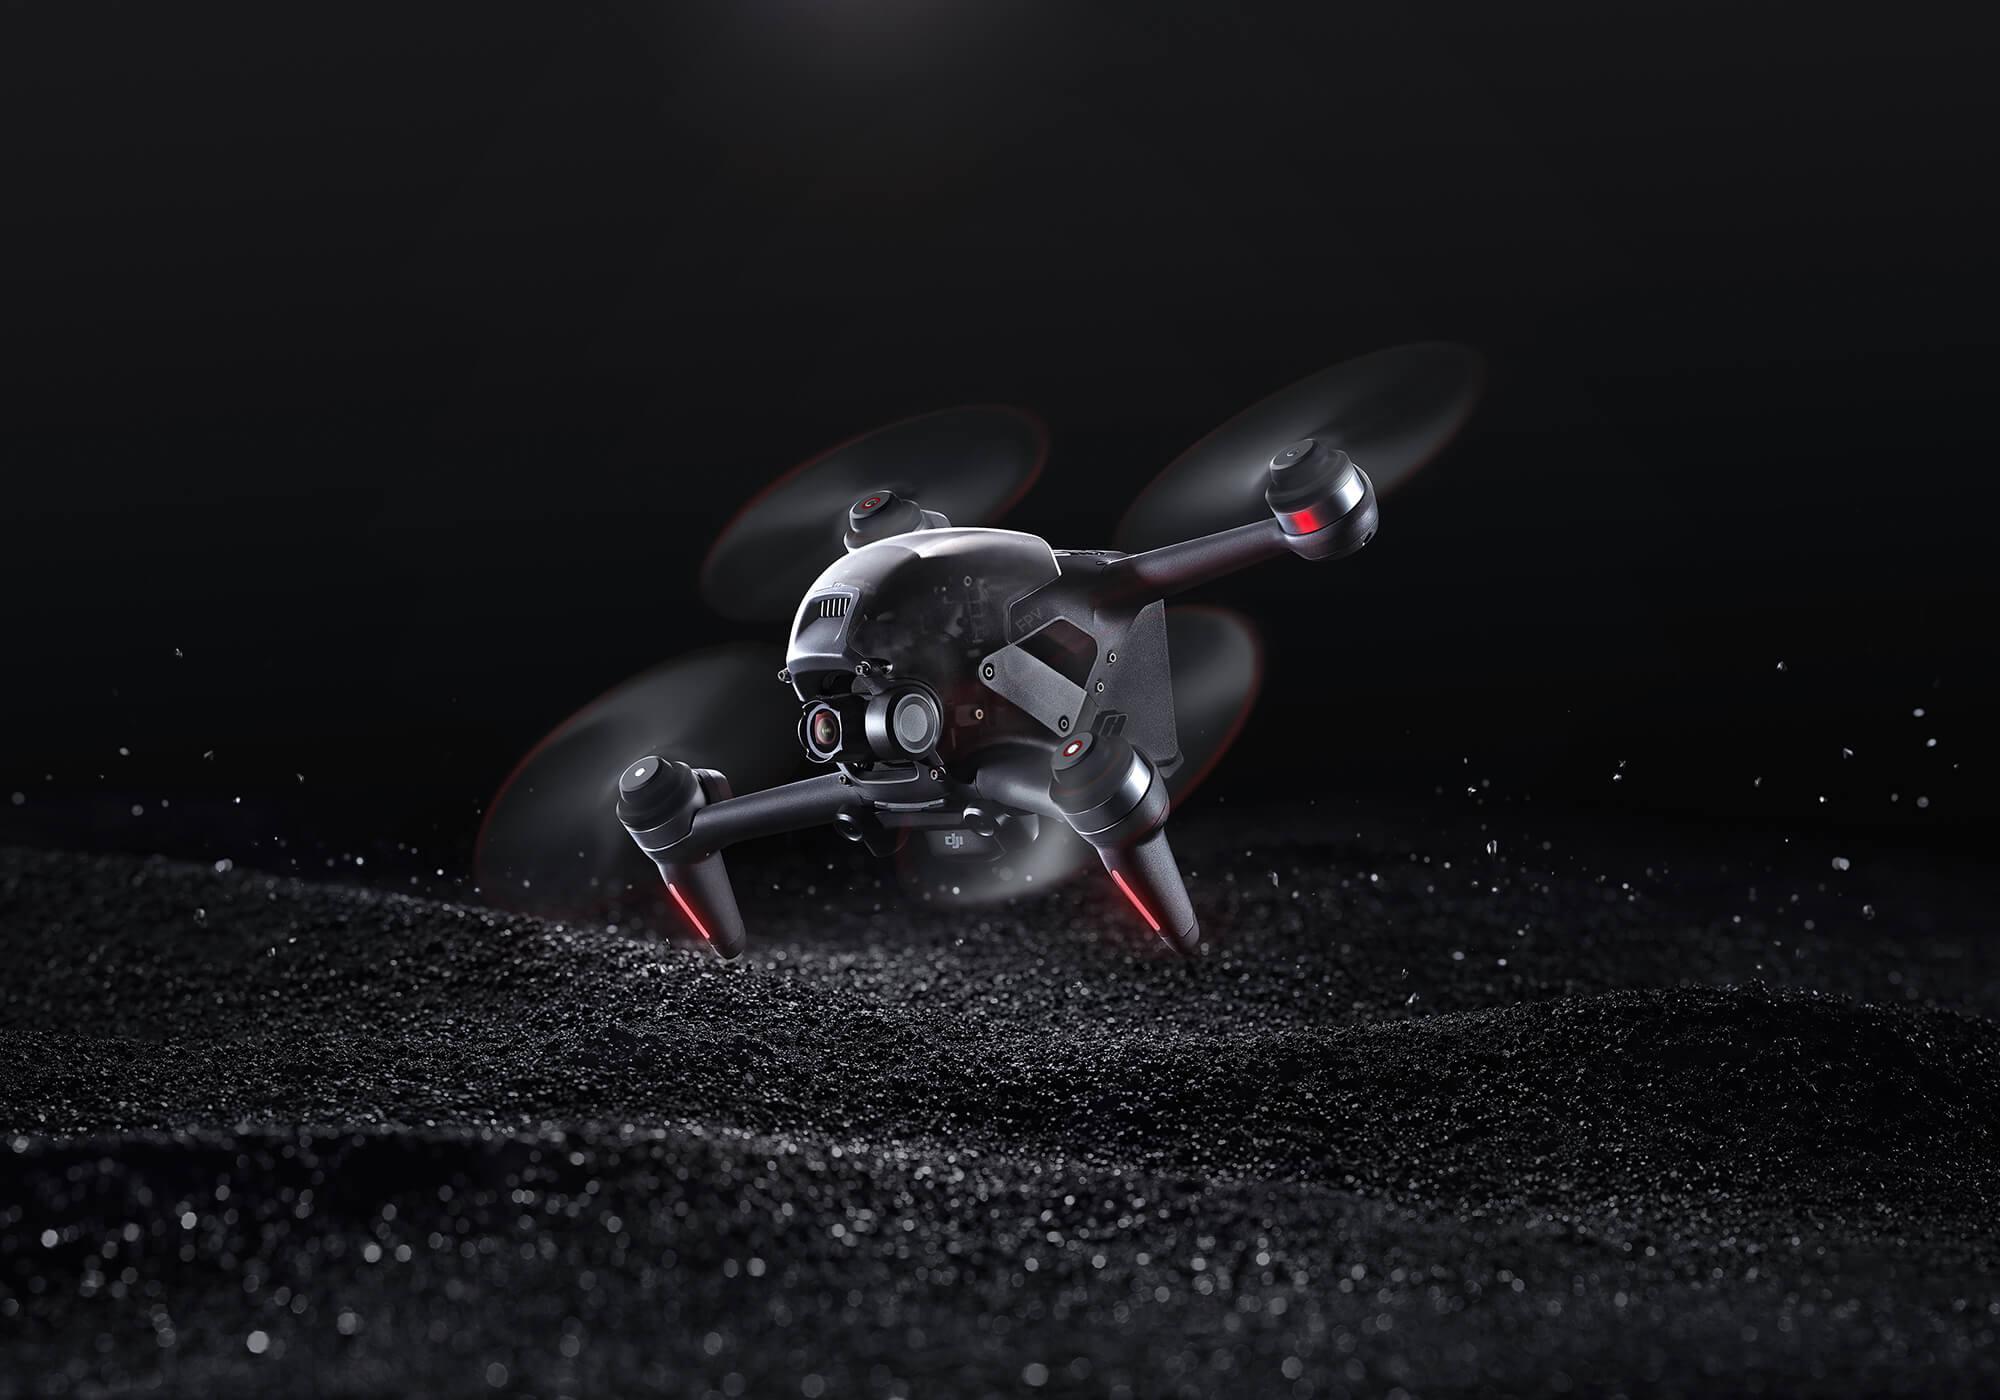 racing-drones-drony-wyścigowe-dji-fpv-jak-latać-poradnik-ironsky